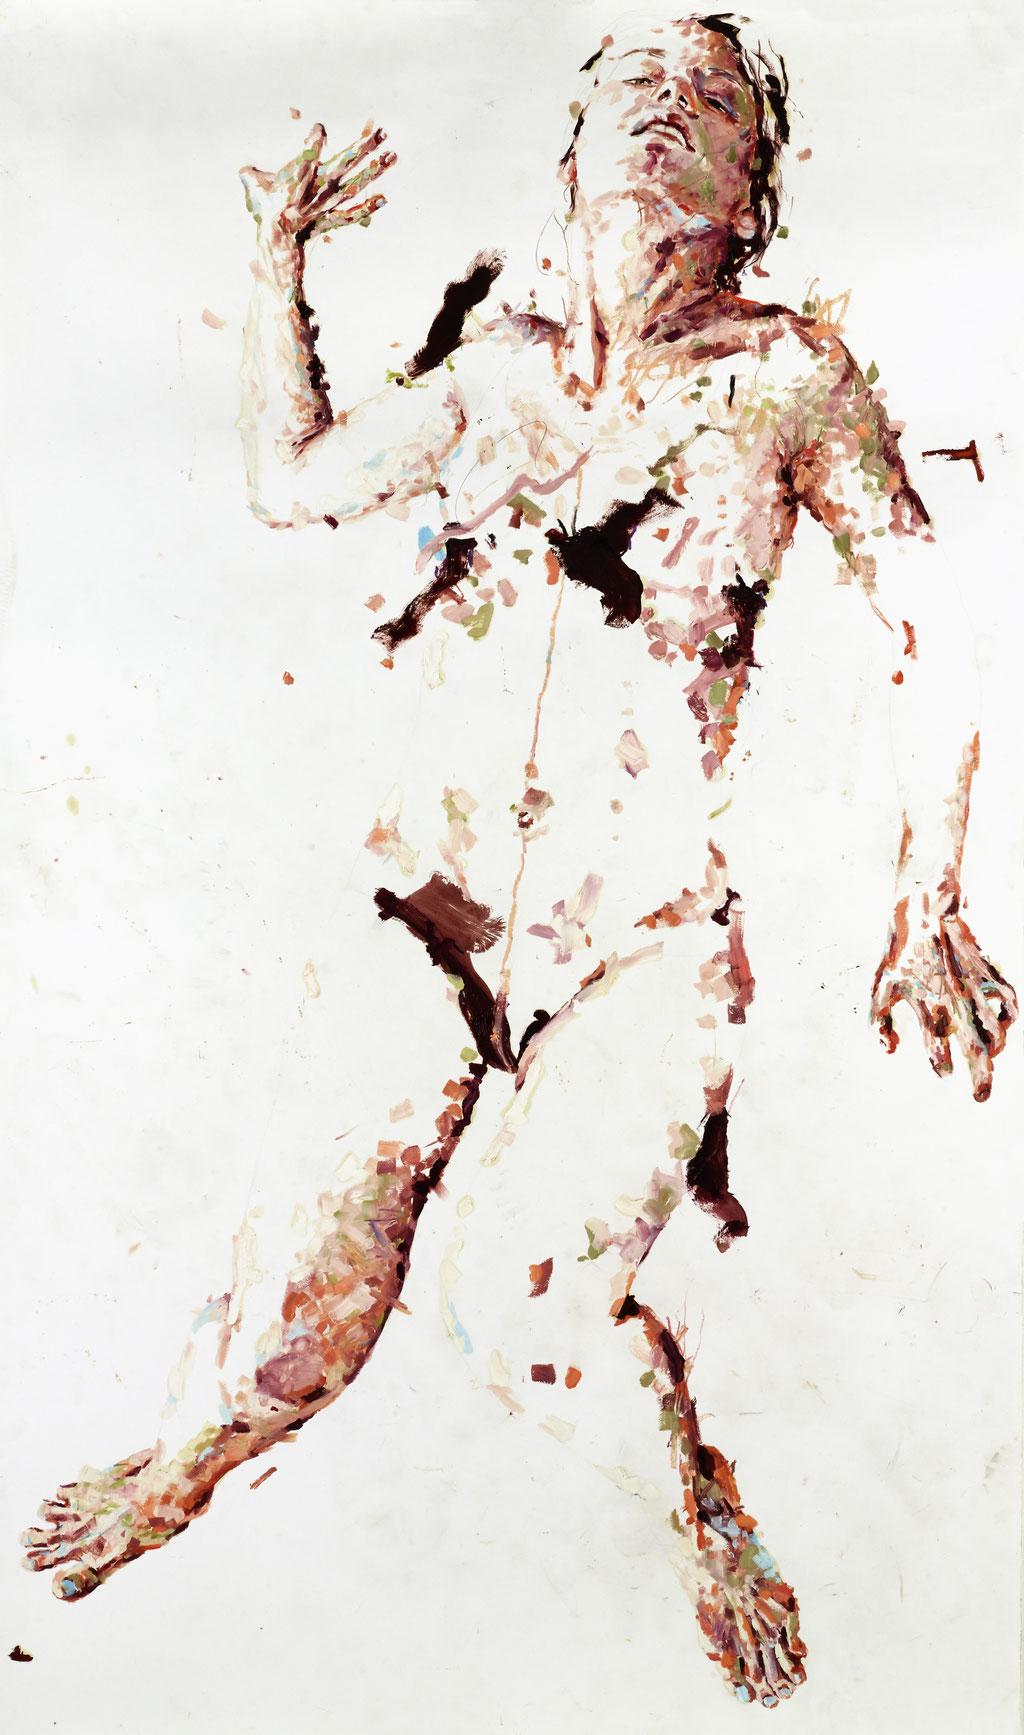 Ölfarbe und Buntstifte auf Papier, 95 x 150 cm, 2013